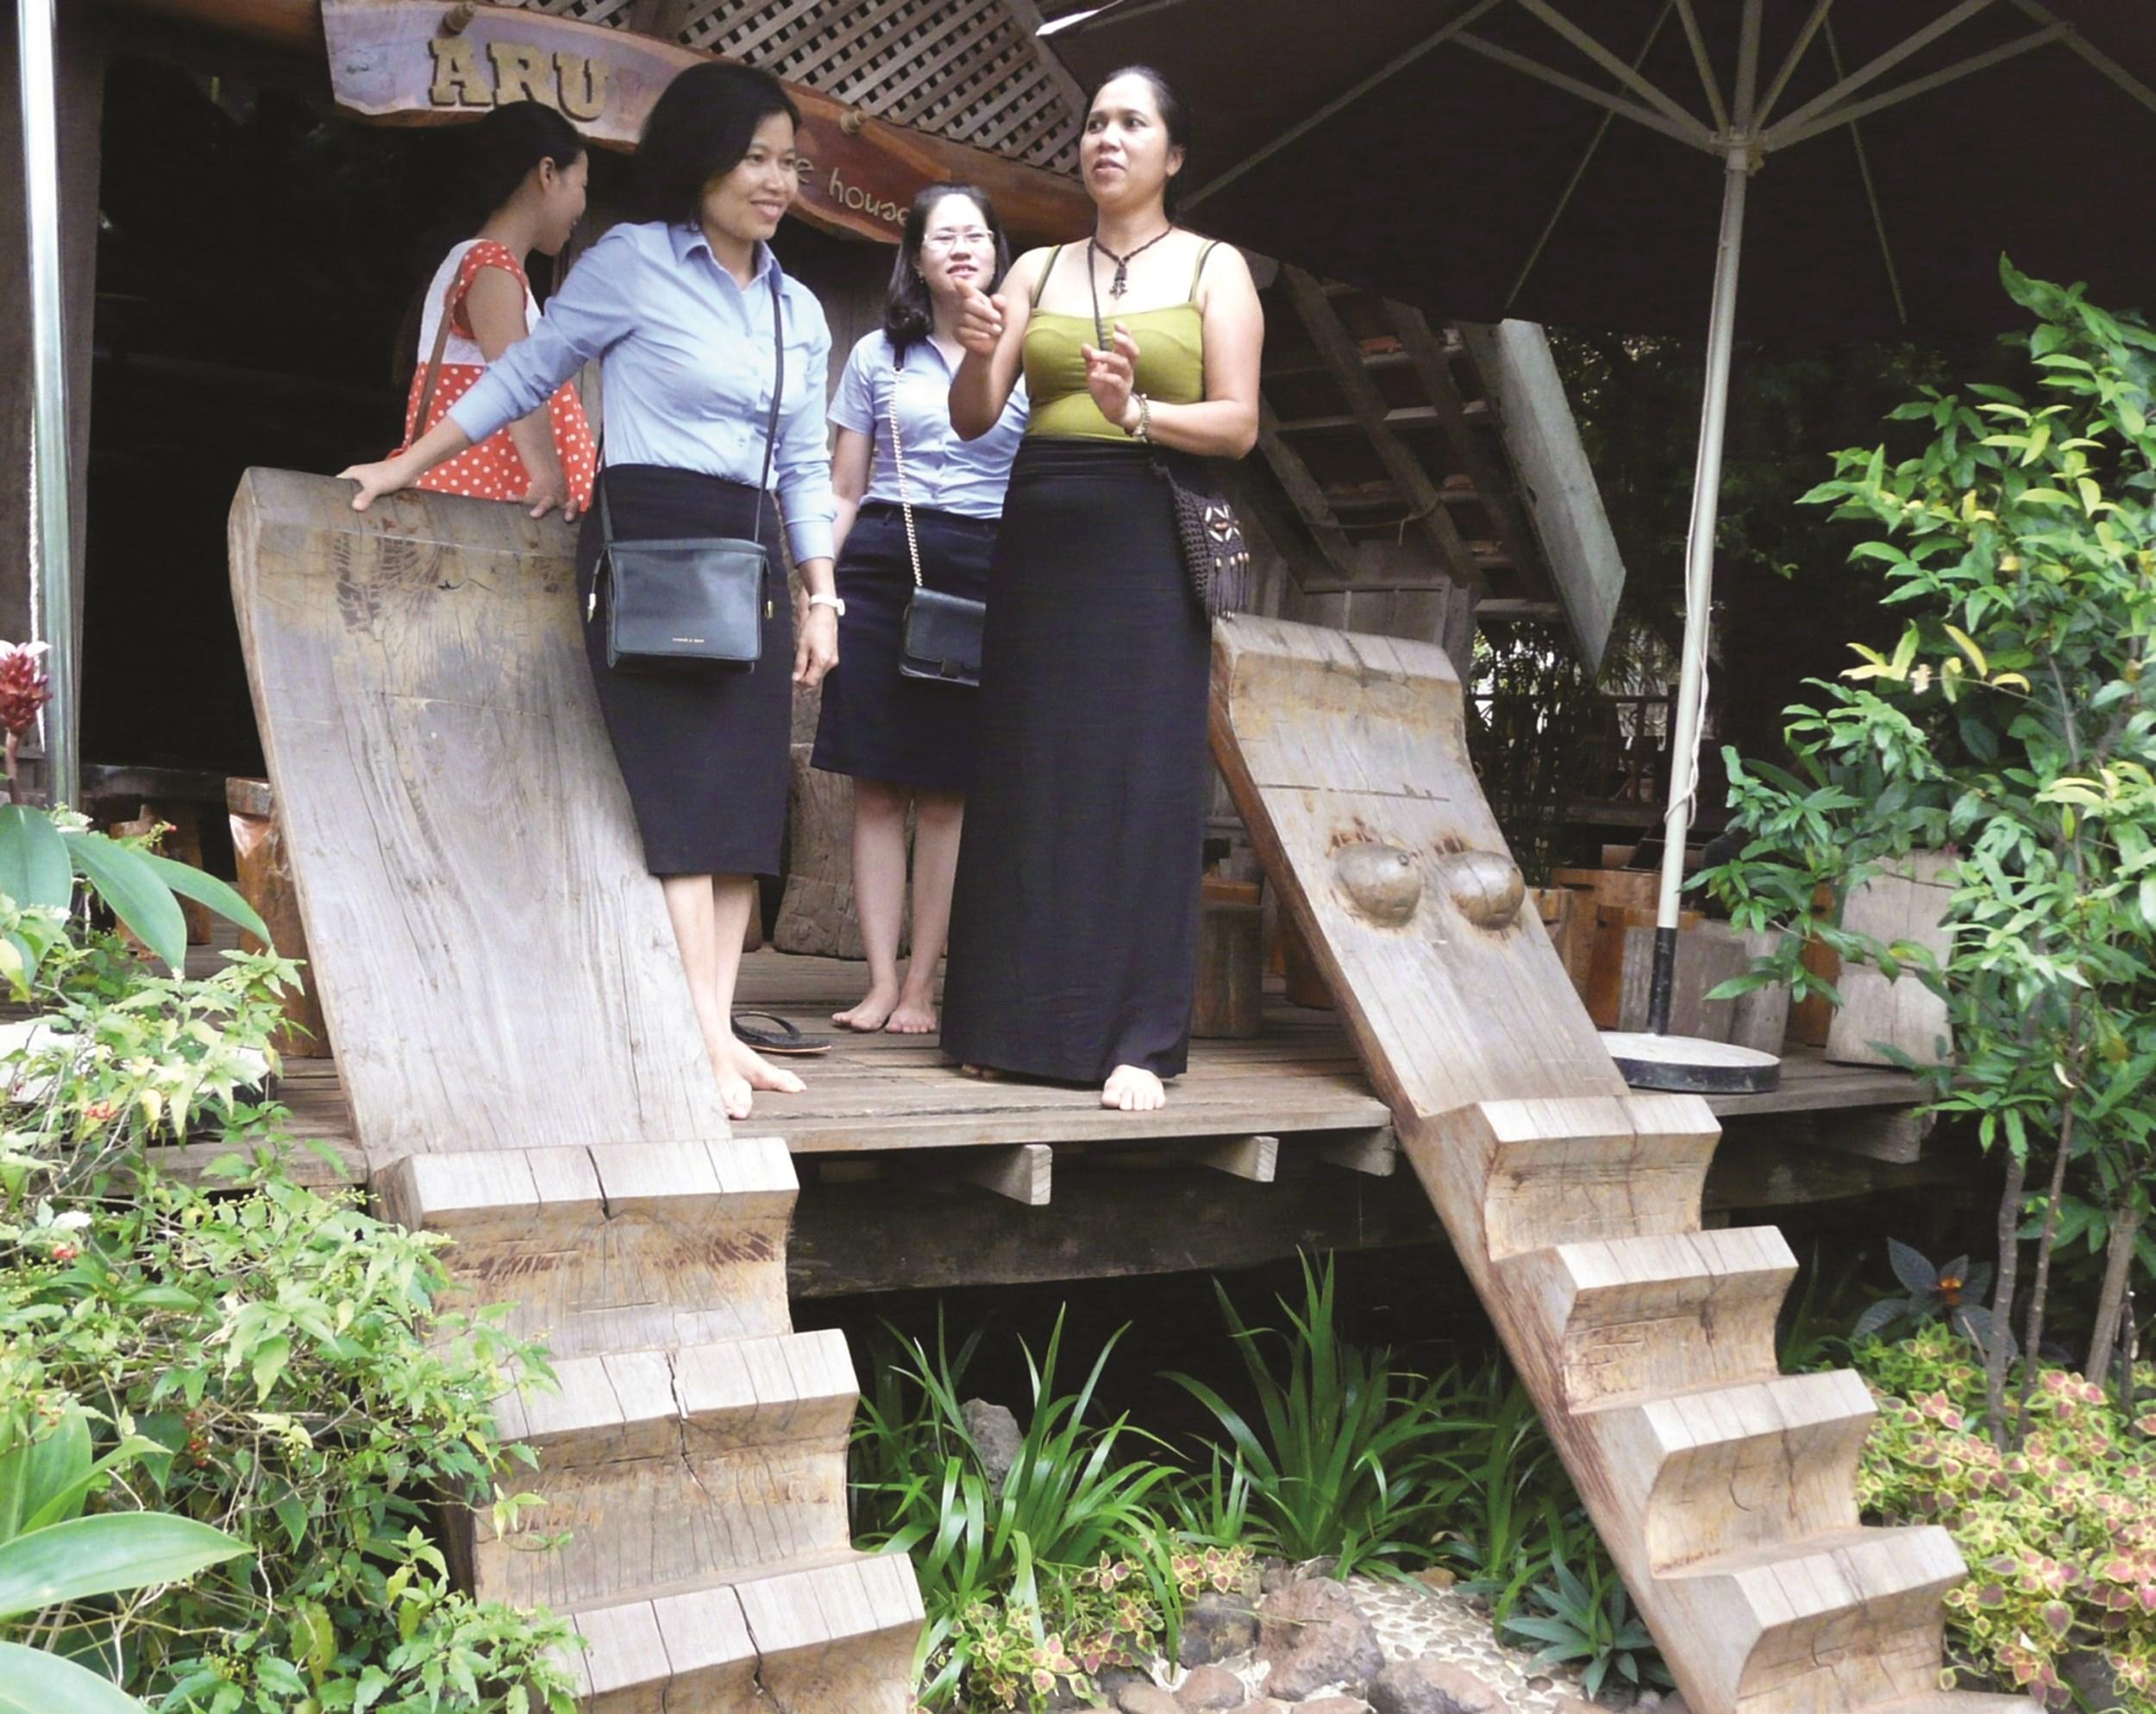 Đến thưởng thức cà phê tại quán Arul, du khách còn được tìm hiểu về các hiện vật văn hóa Tây Nguyên